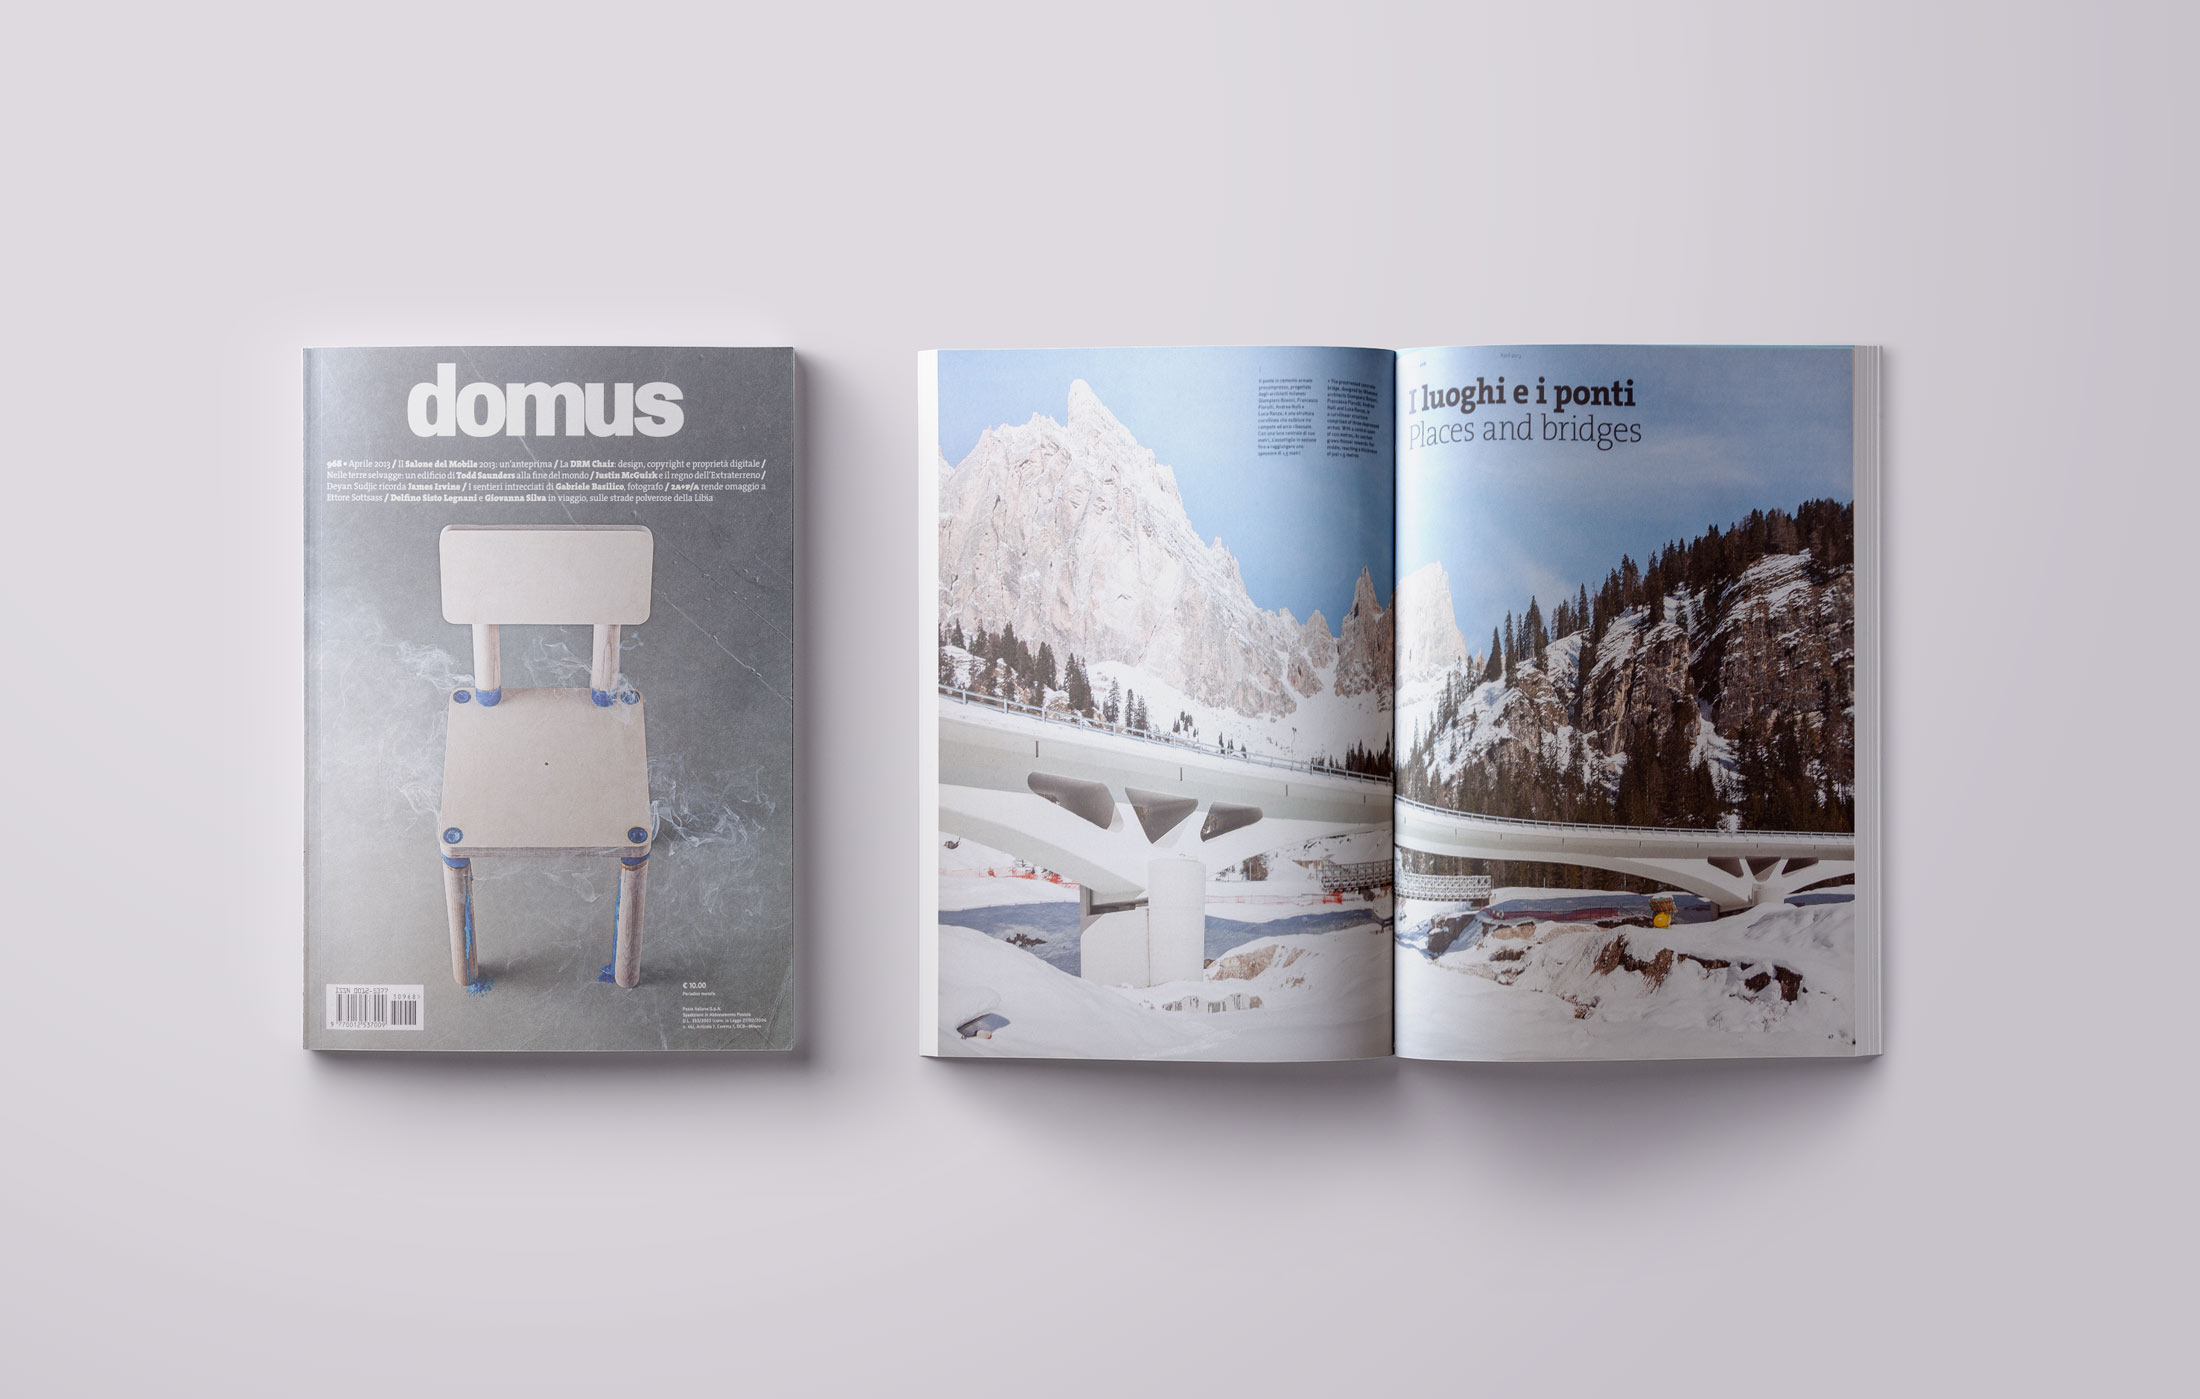 andrea Bosio Domus architecture photography Andrea Bosio fotografia architettura